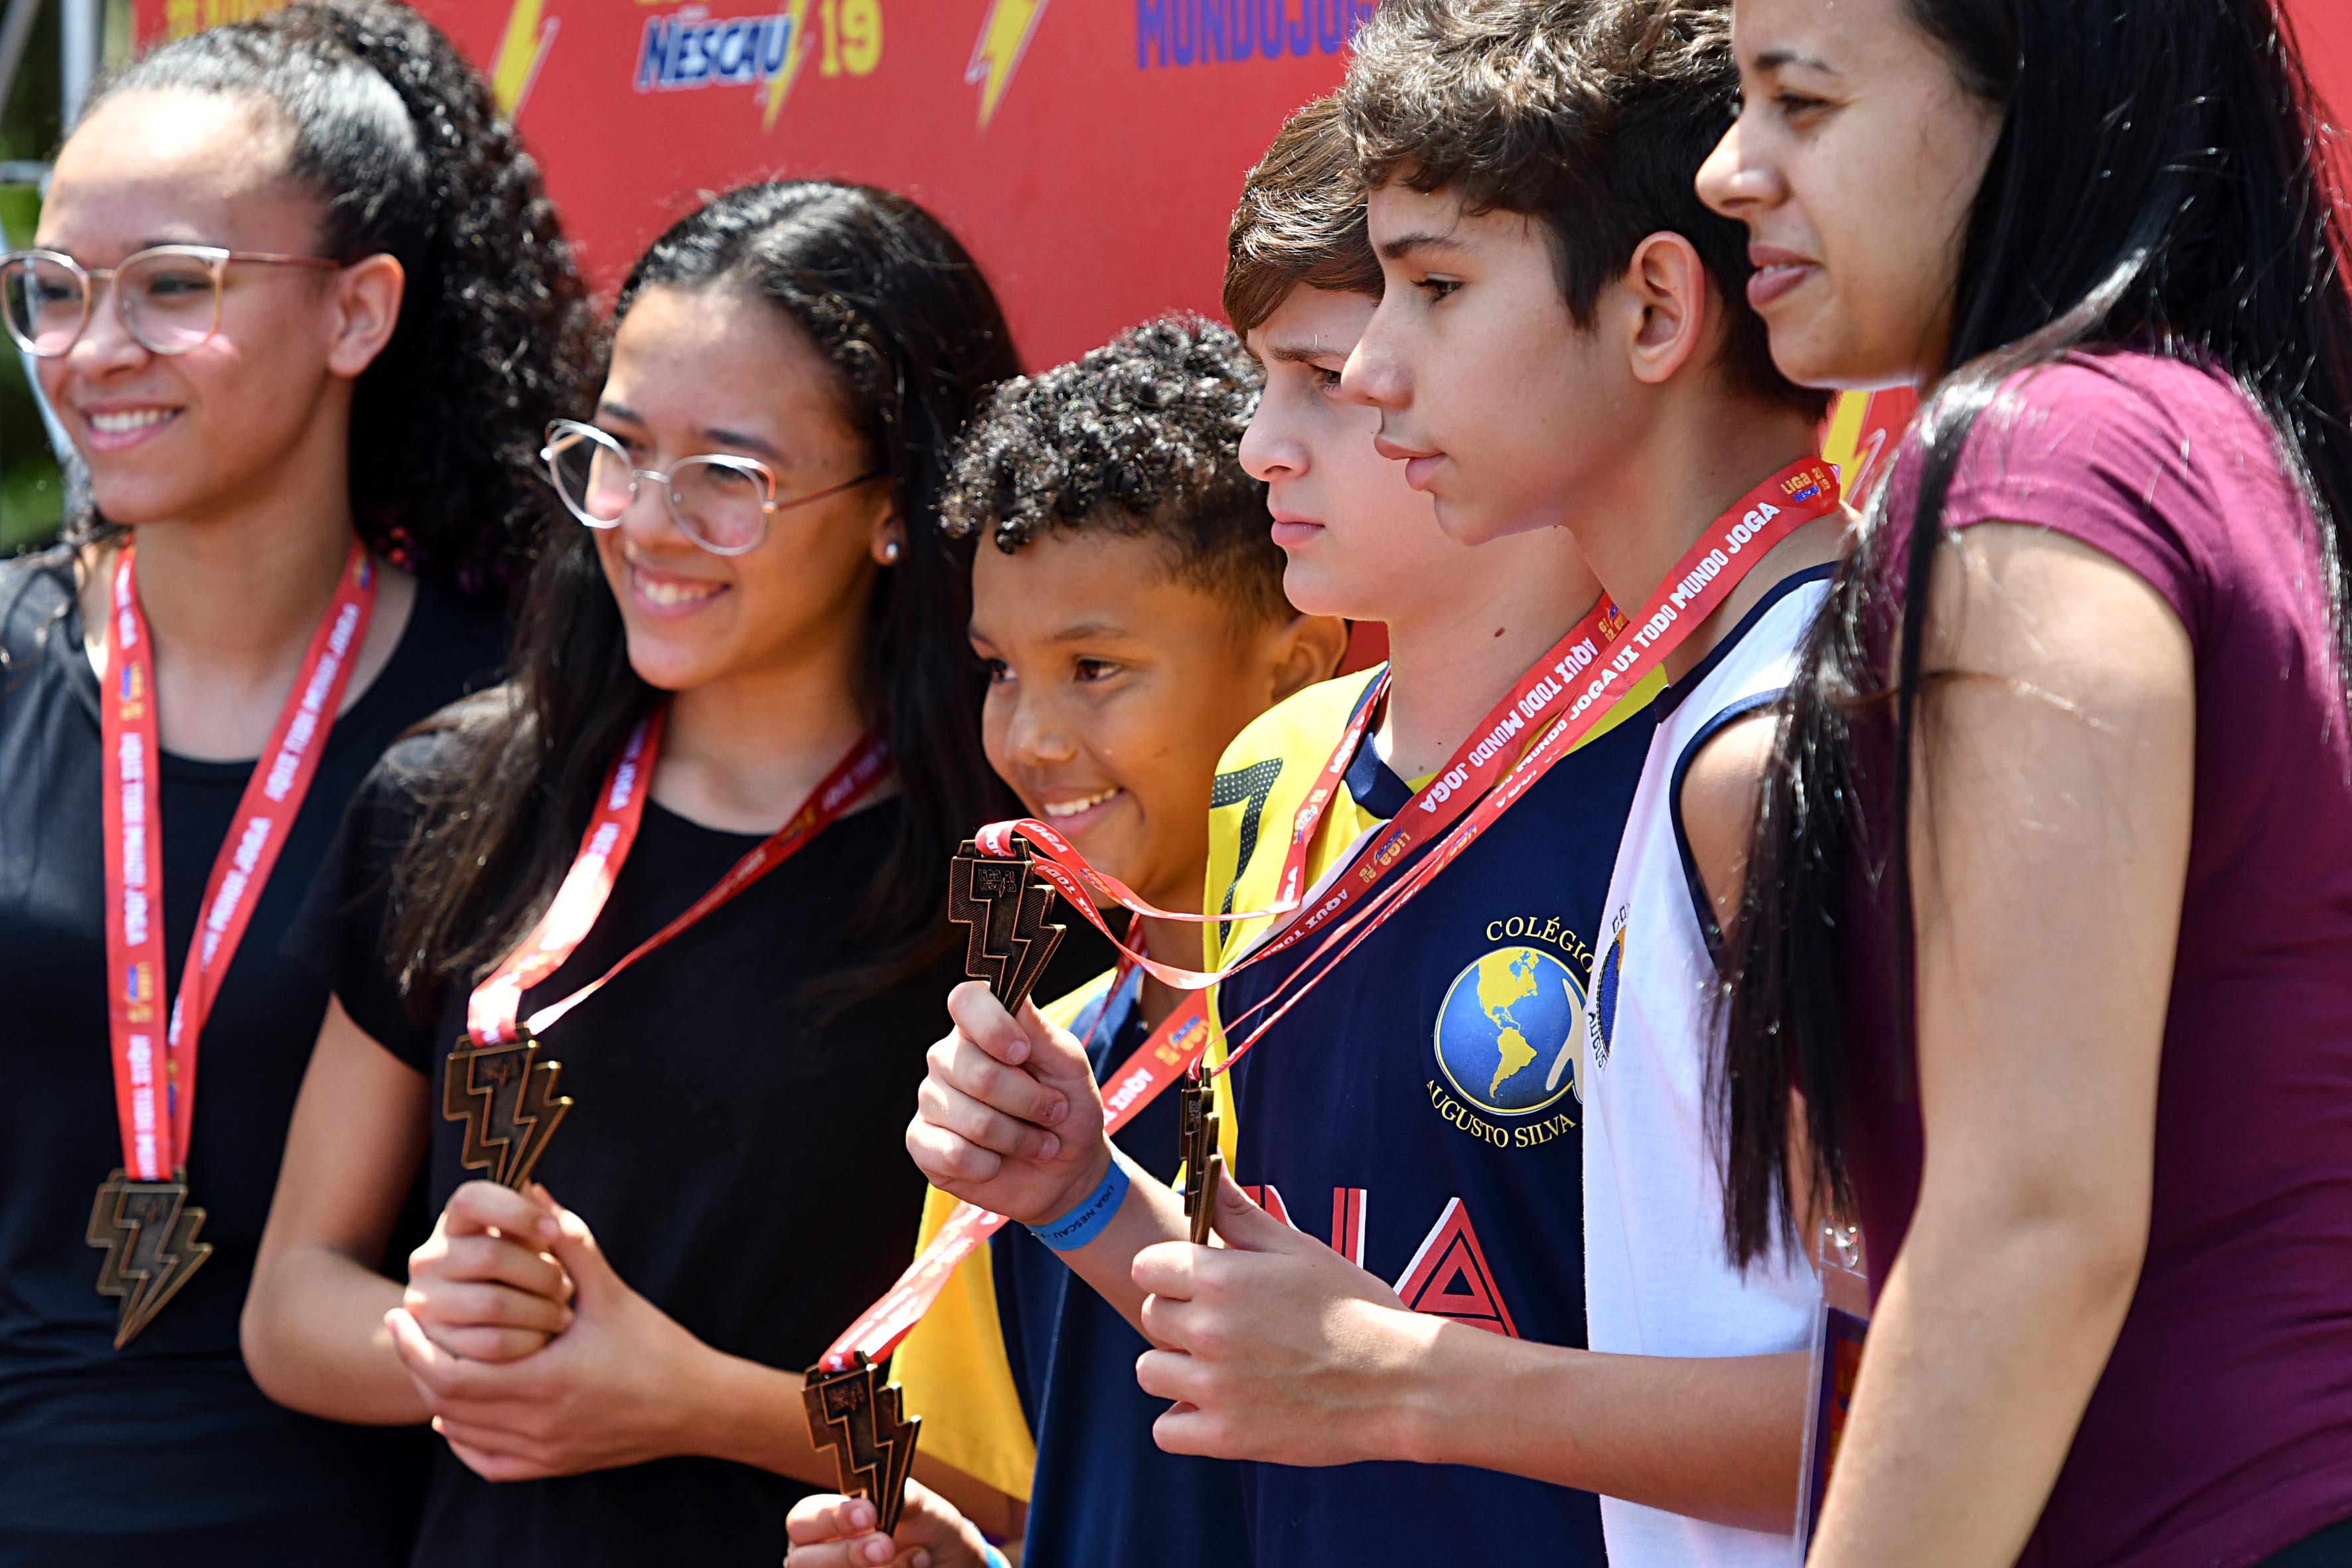 Liga Nescau reúne 4 mil alunos com e sem deficiência em competição estudantil 7